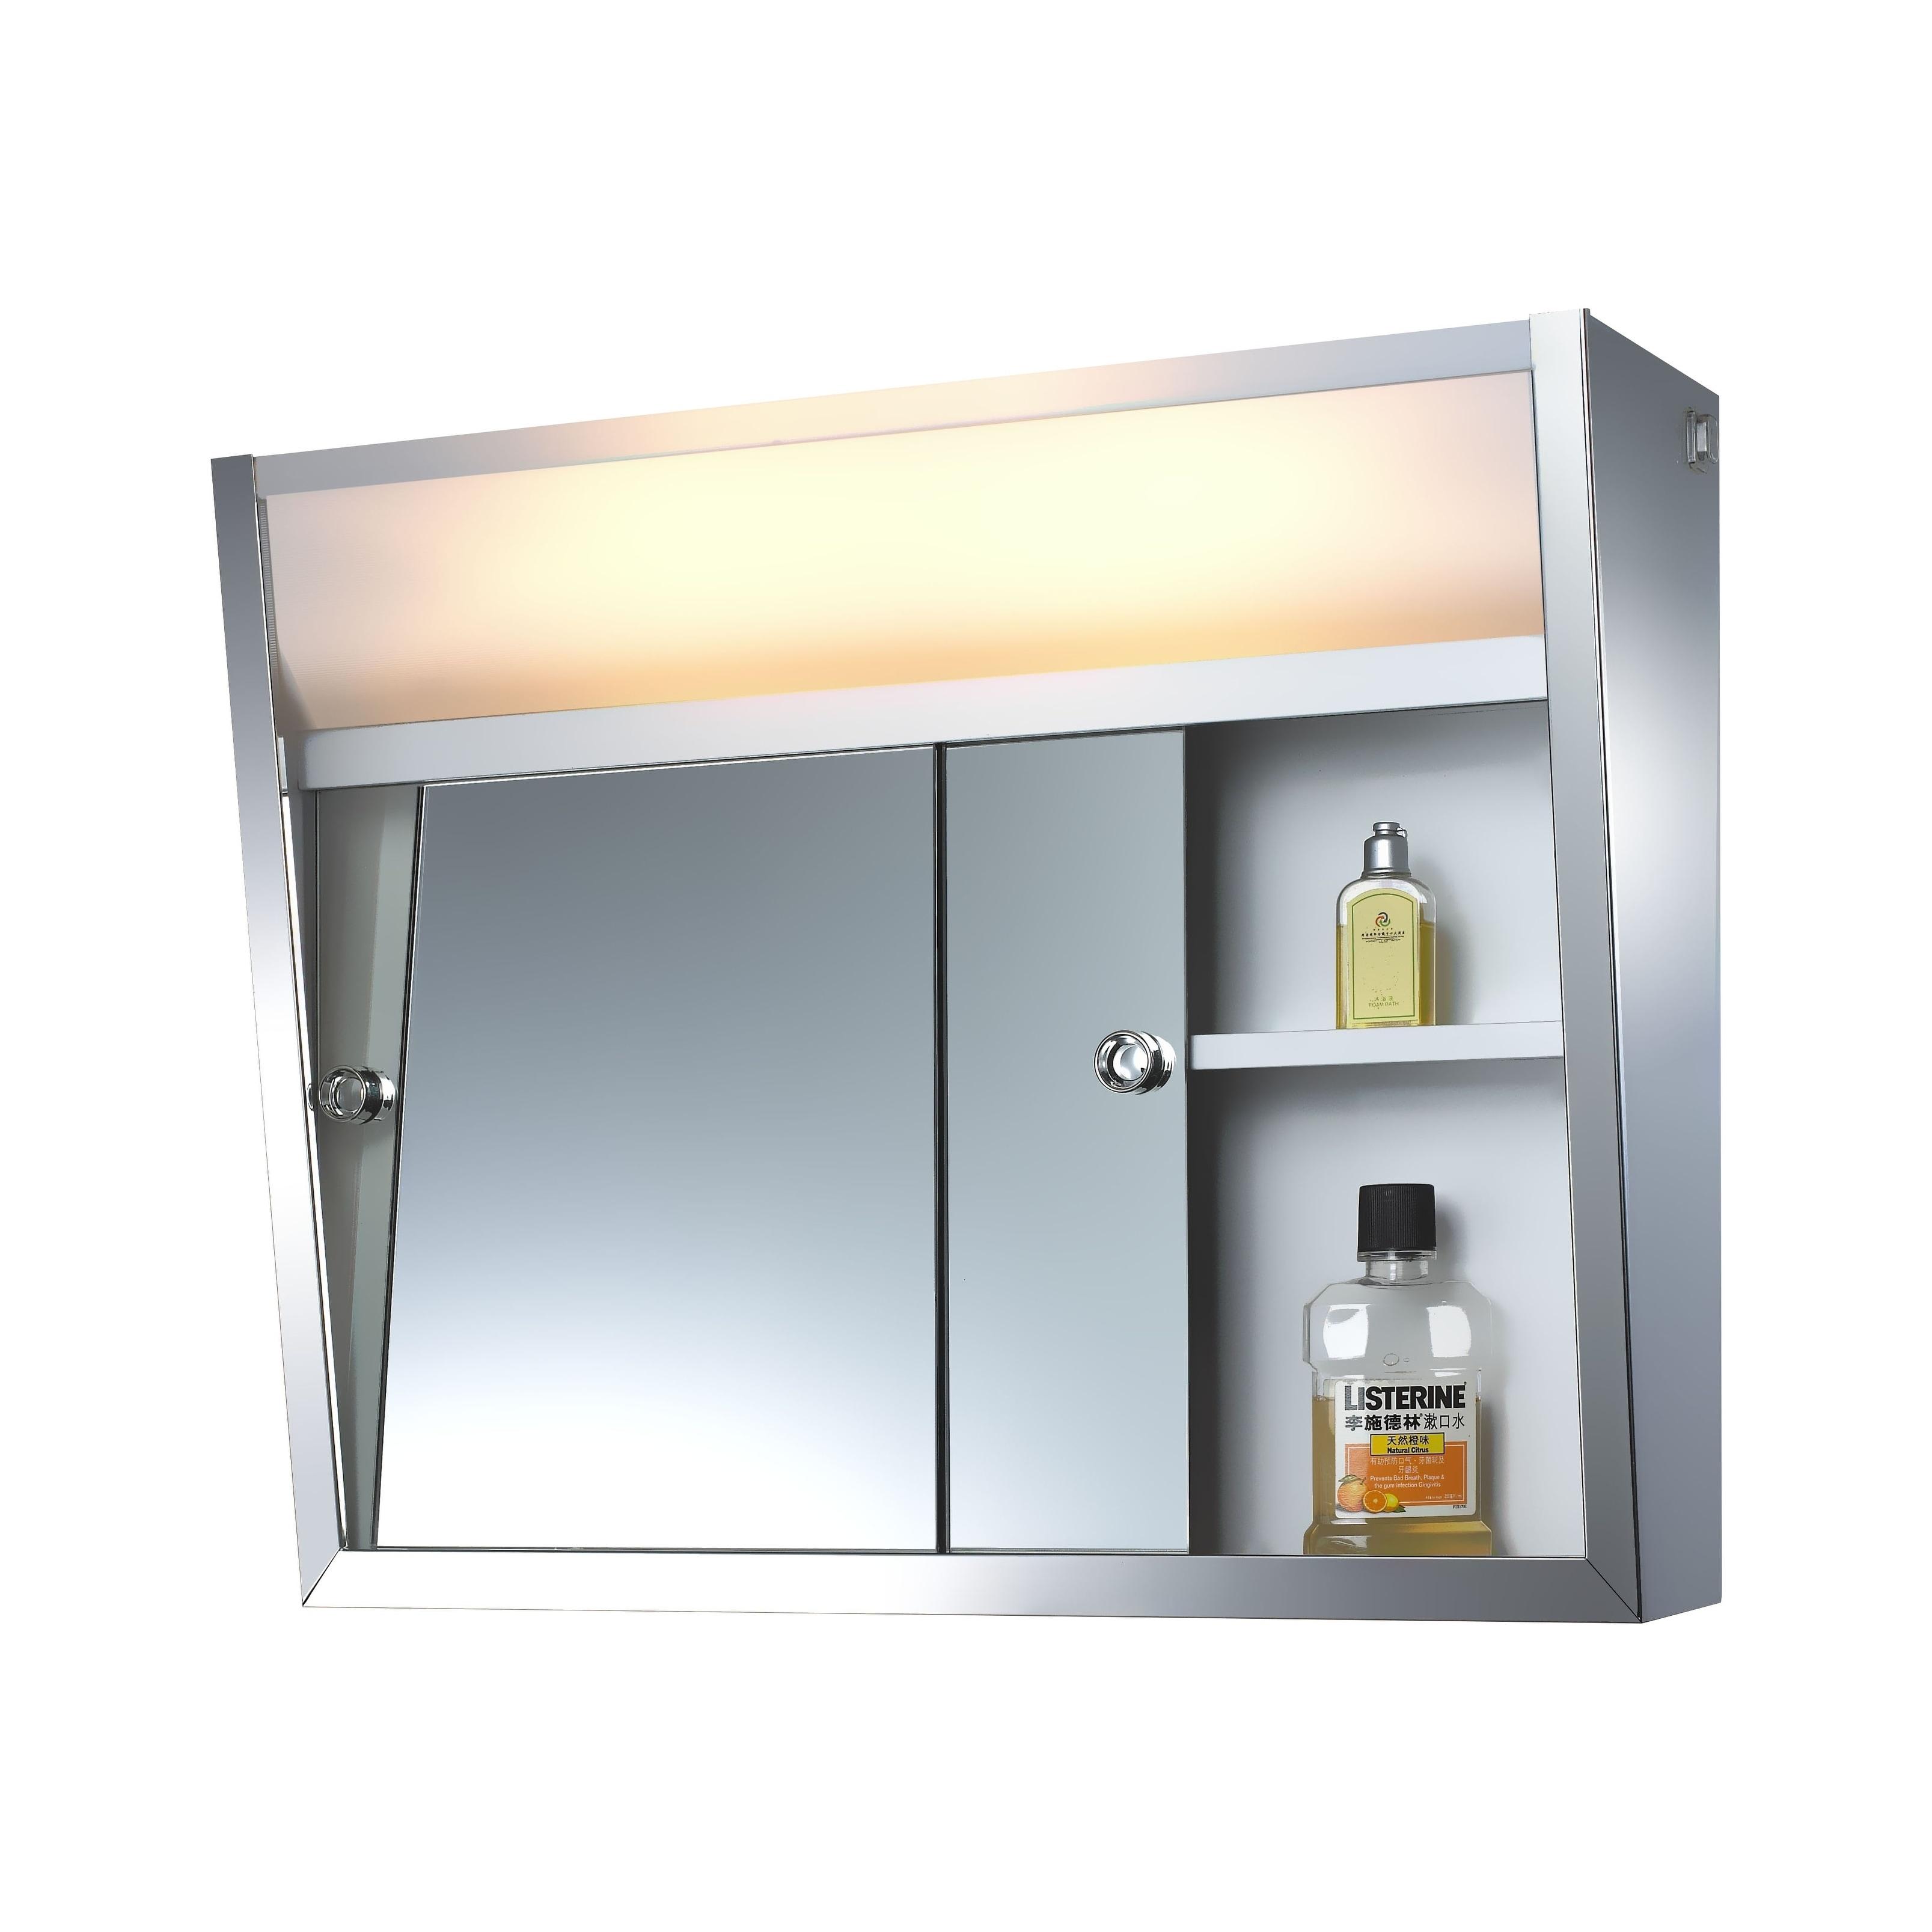 Ketcham Cabinets Sliding Door Series Medicine Cabinet 24x19 Overstock 22169686